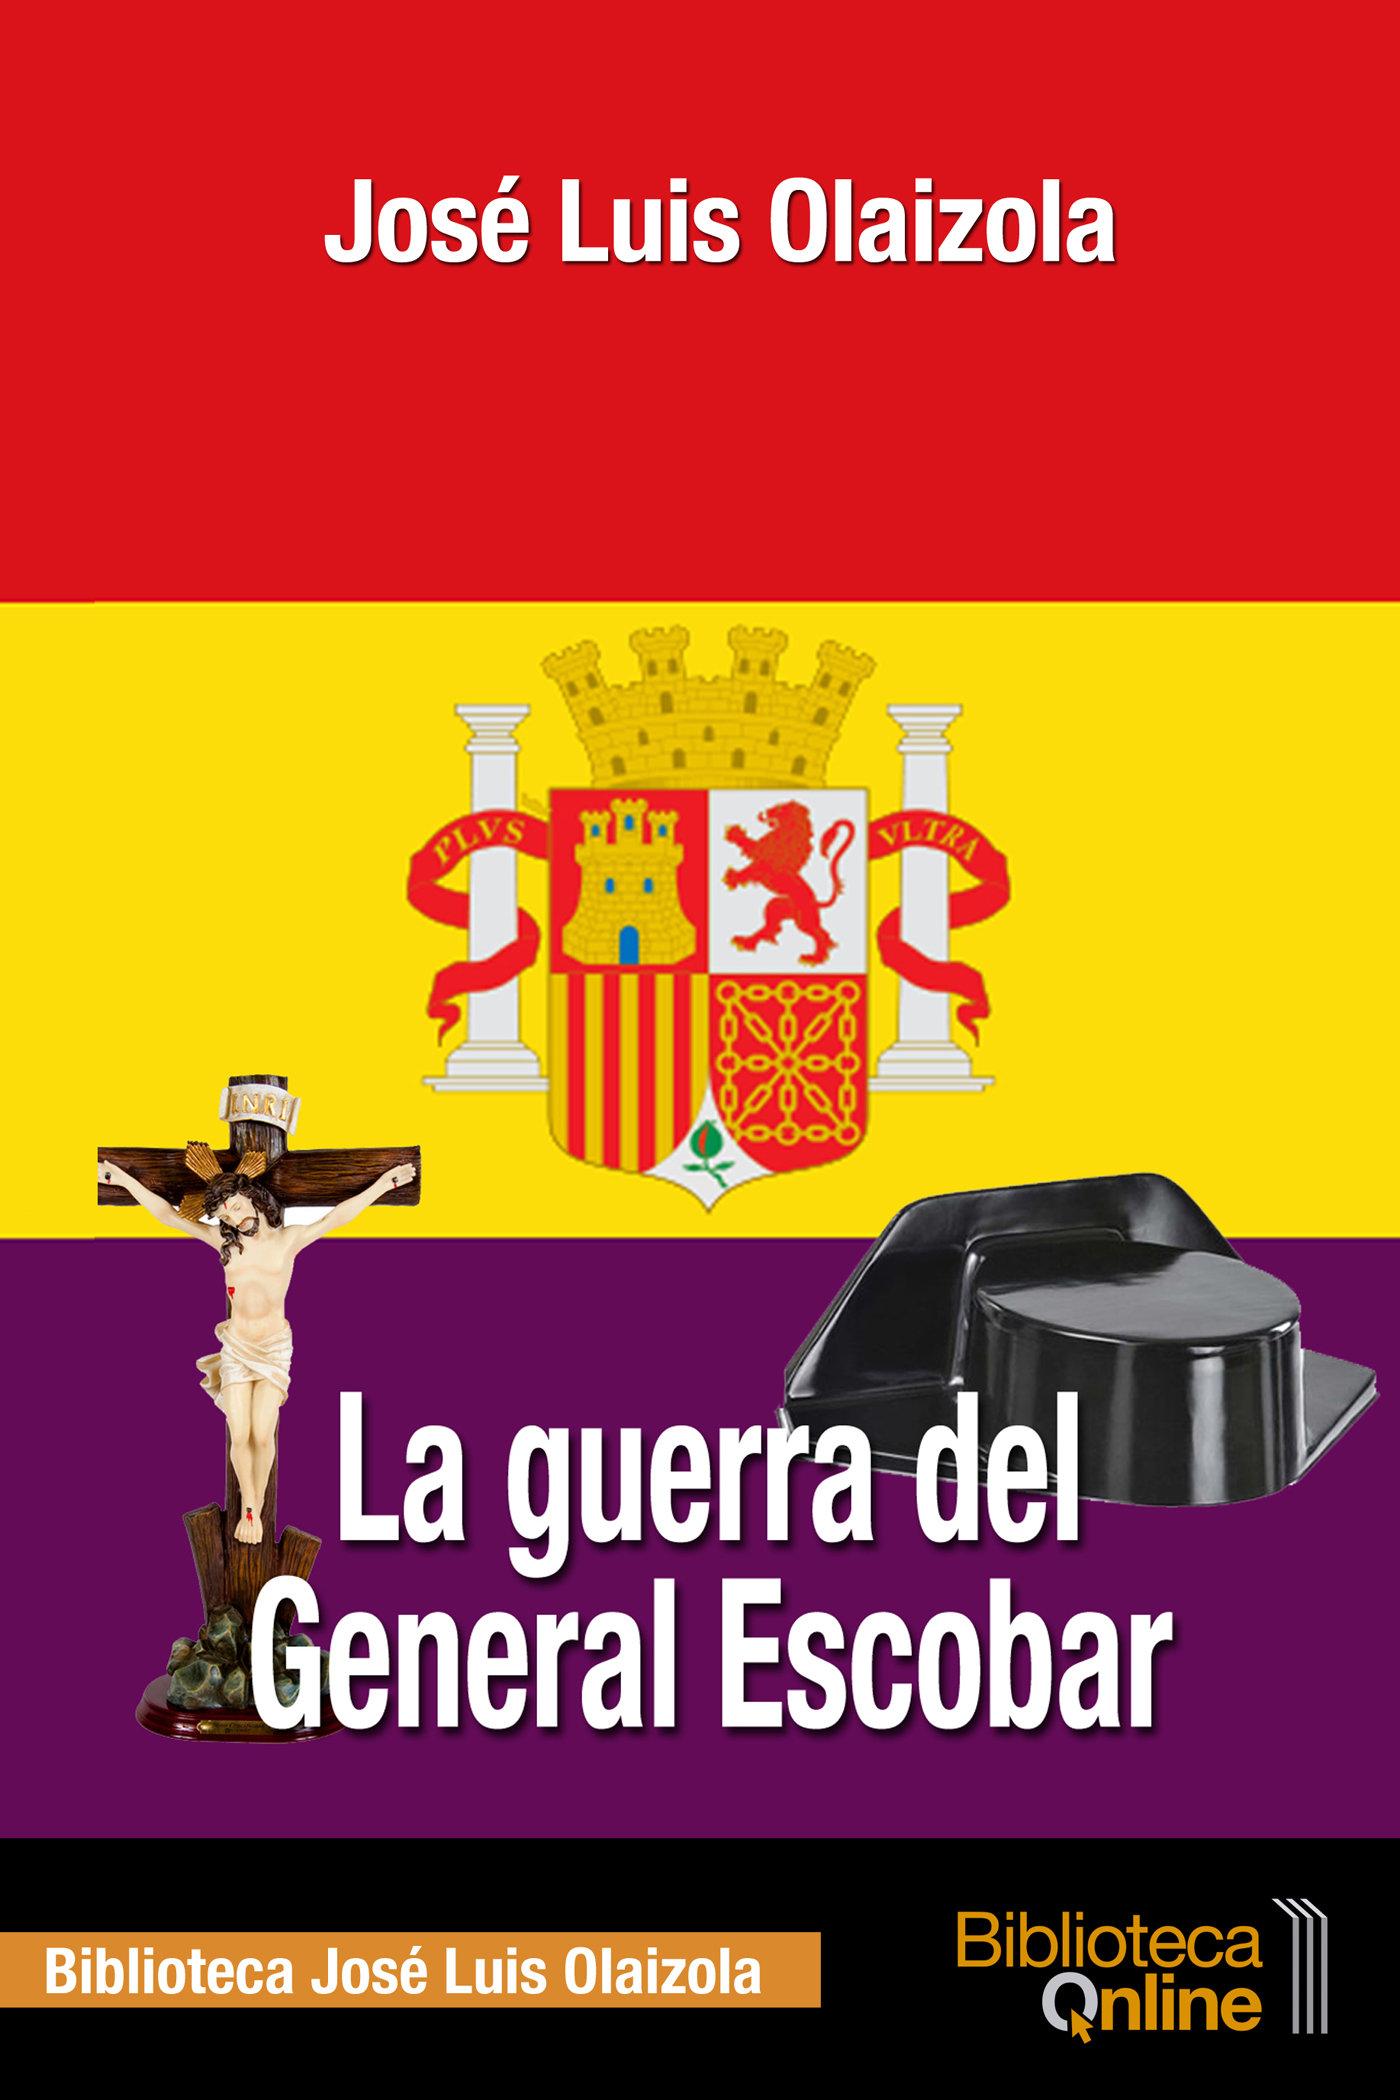 La Guerra del General Escobar LGGE-JLO